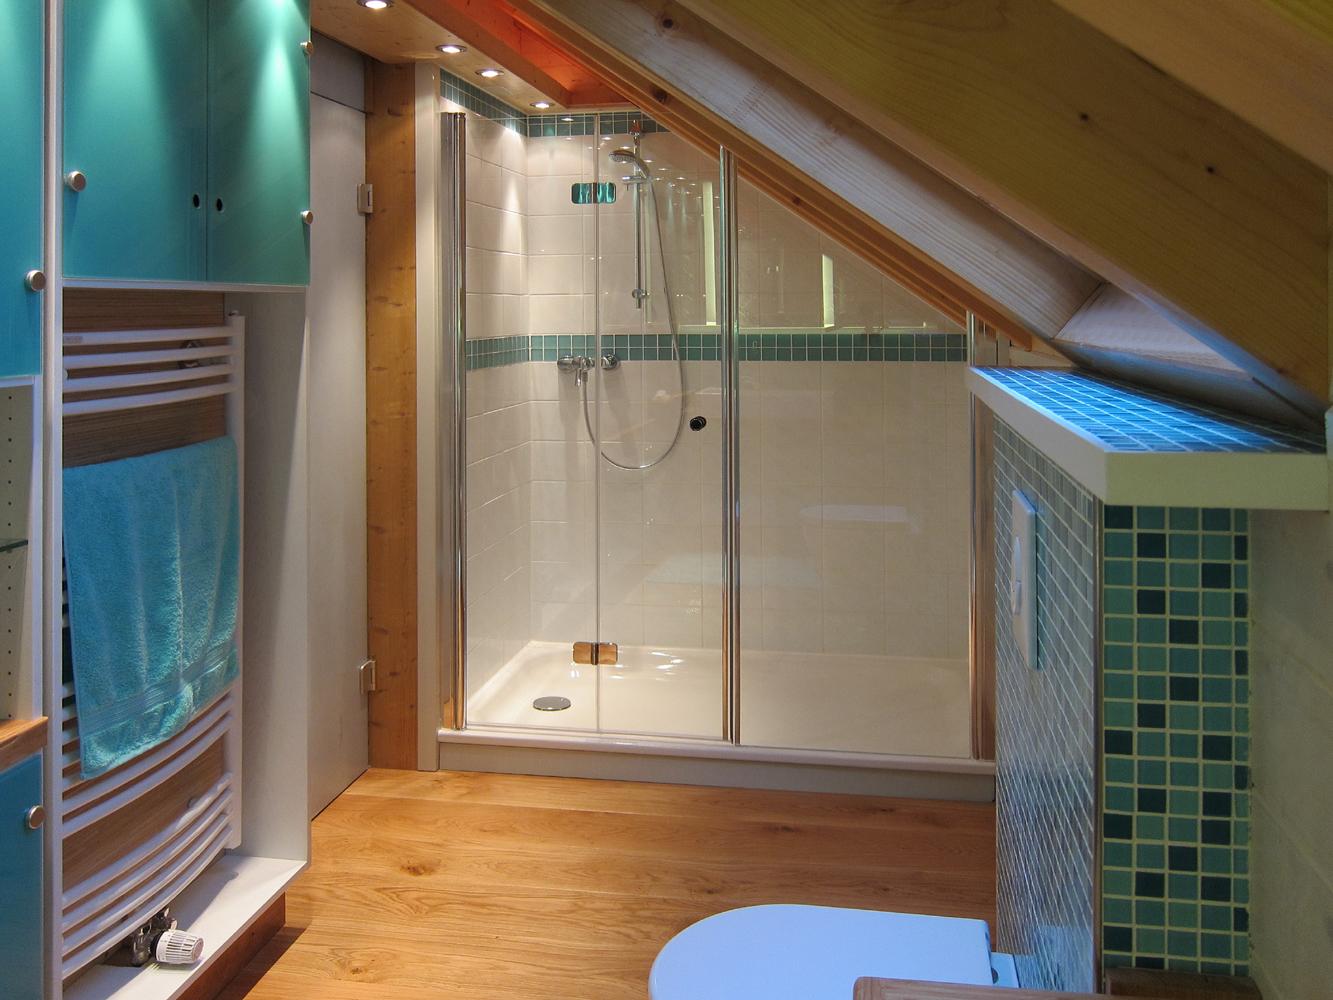 Bad in der Dachschräge - Dusche